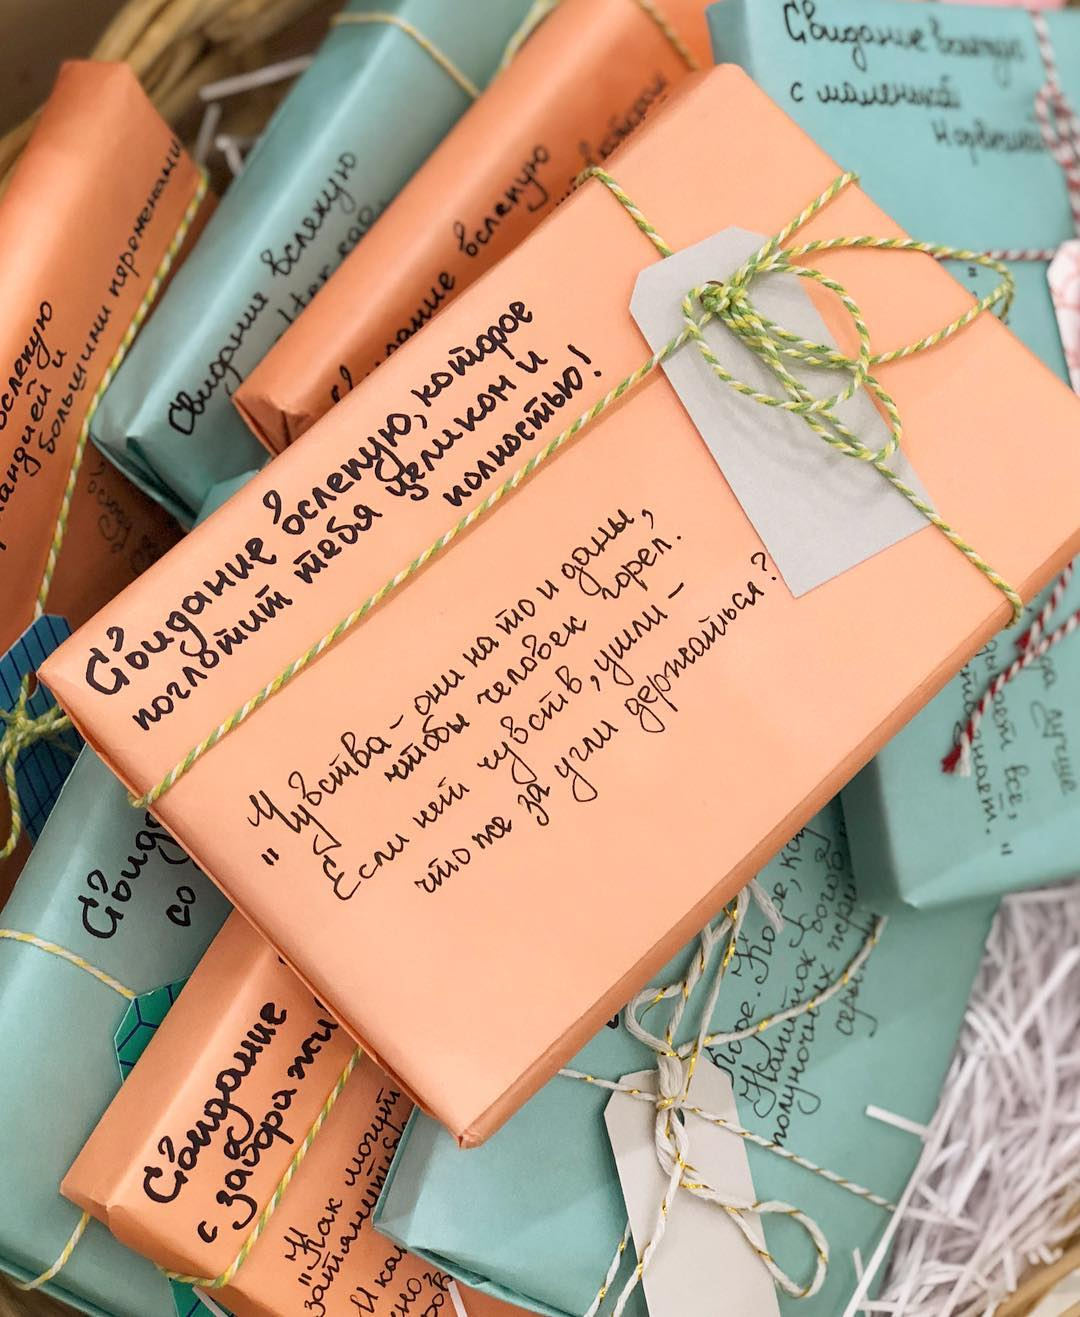 Книги в оберточной бумаге персикового и сфисташкового цвета